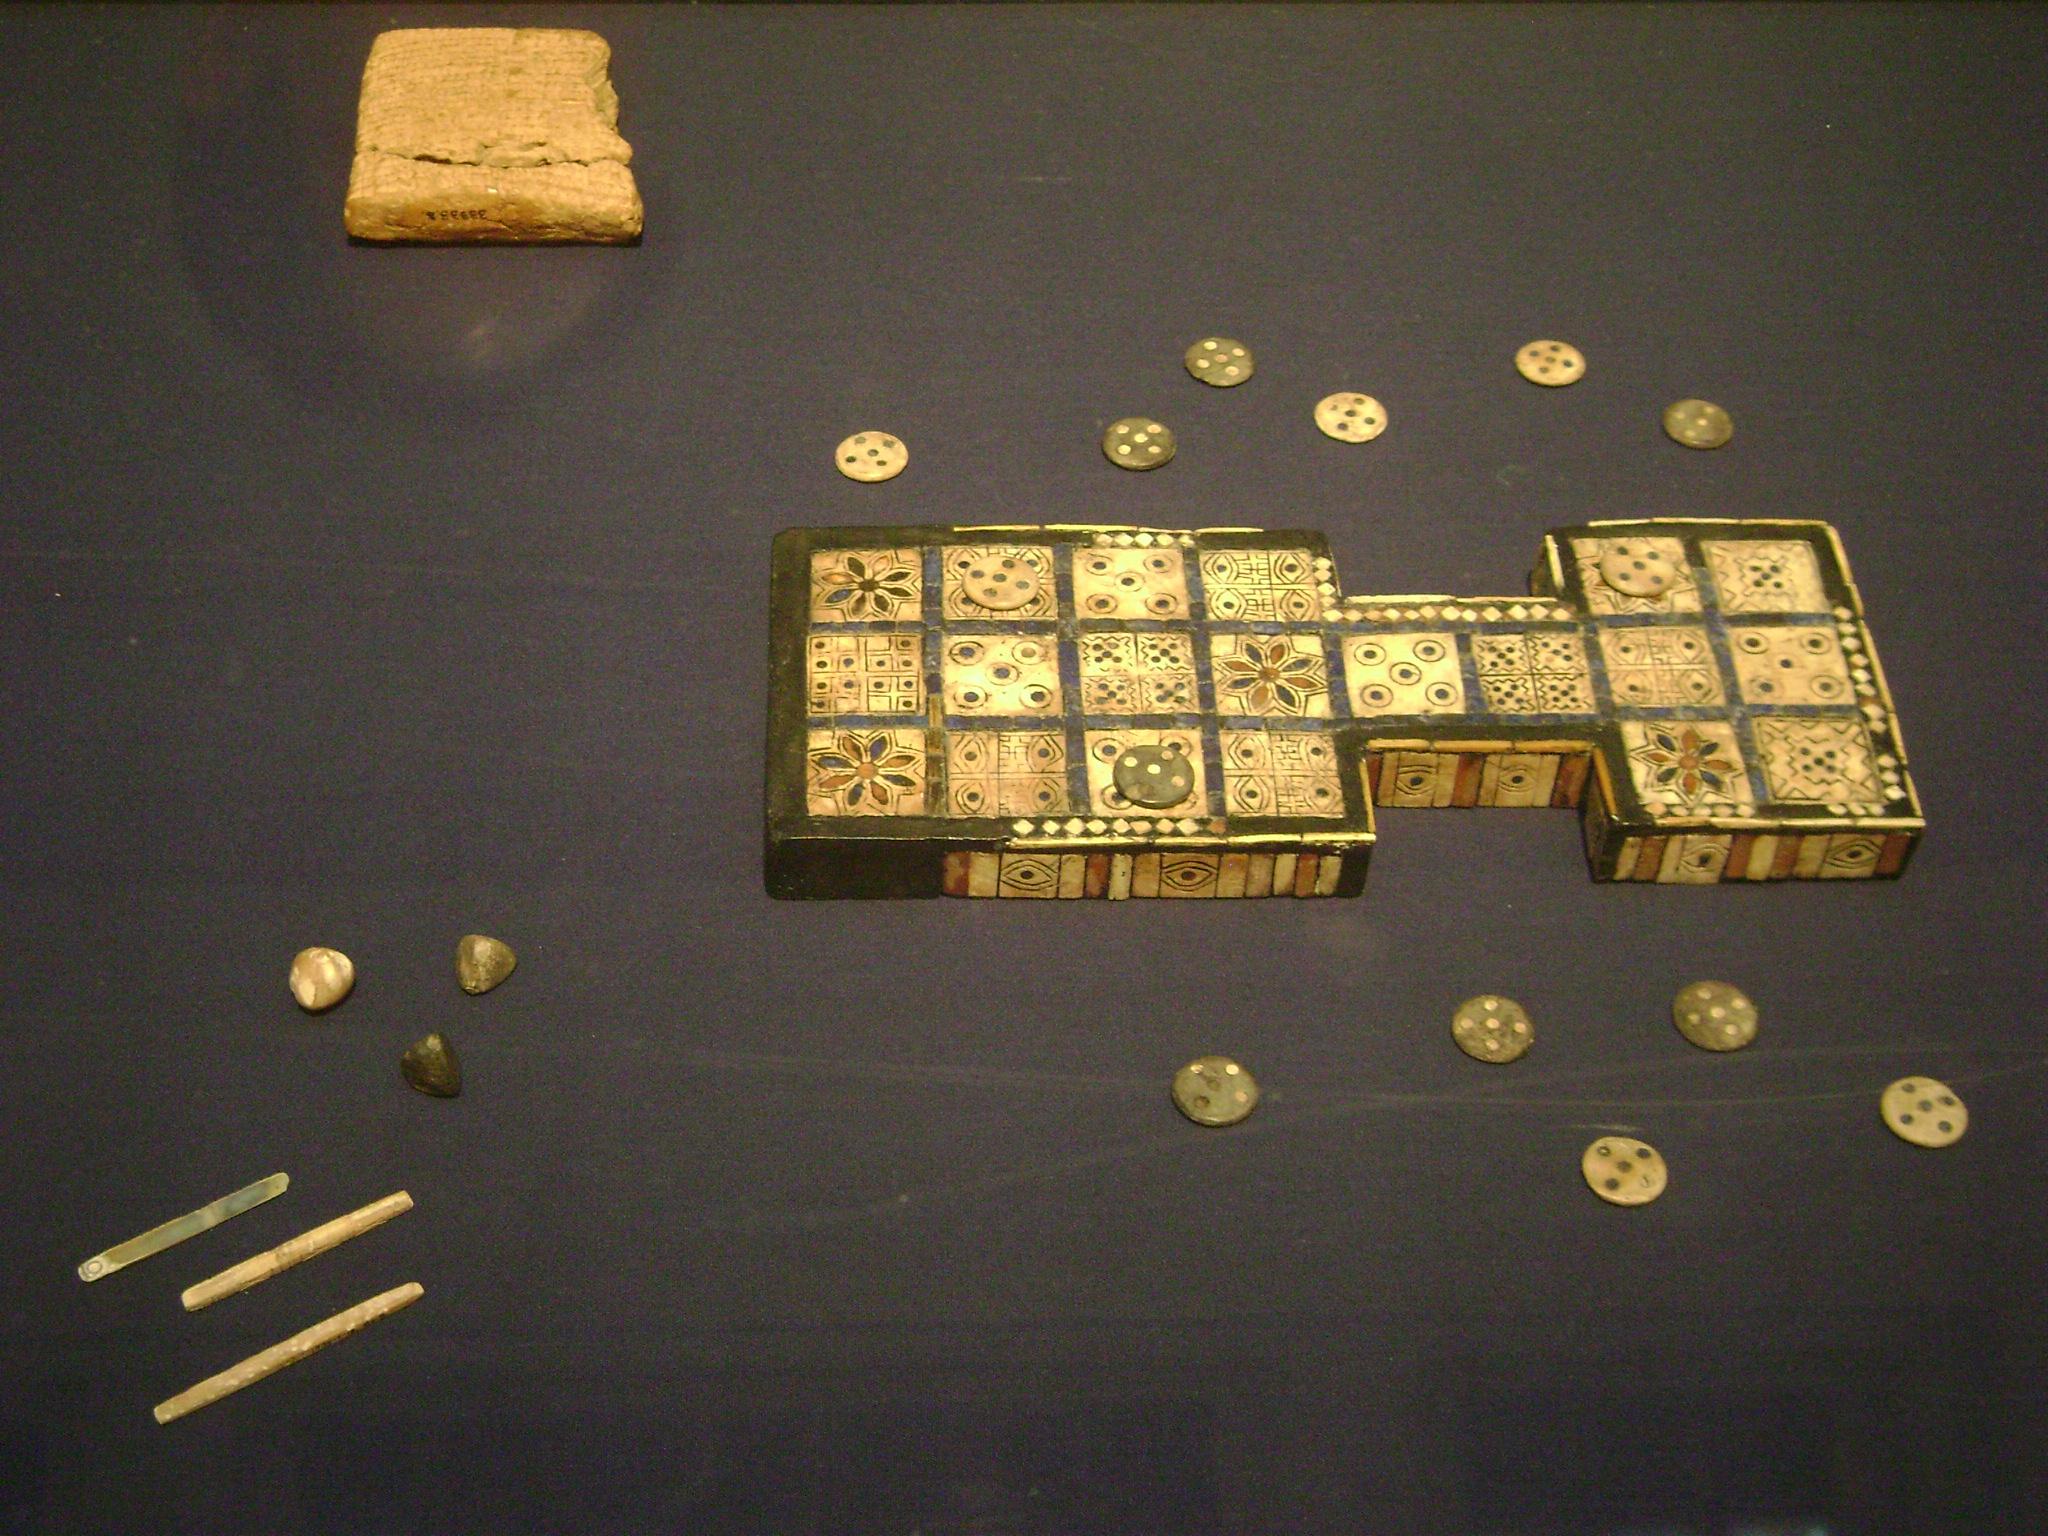 Das älteste Brettspiel der Welt würfelt Fate-ähnlich 1